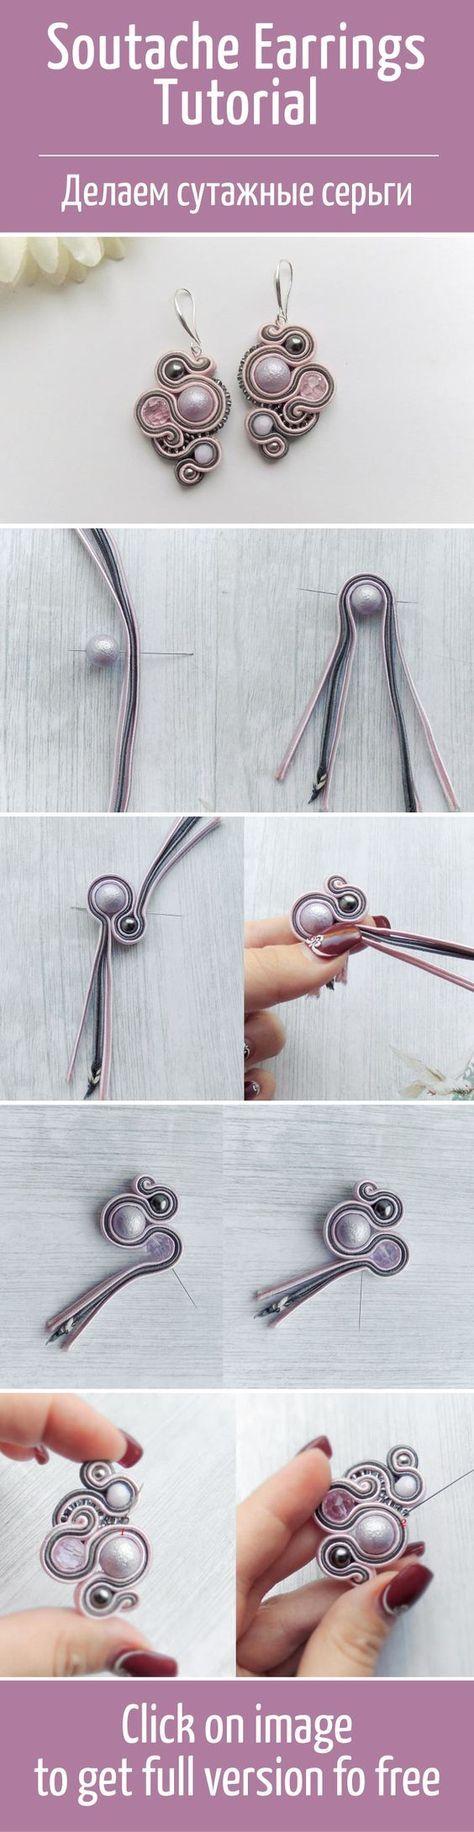 """Учимся сутажной вышивке: процесс создания серег """"Поворот судьбы"""" / Soutache earrings tutorial DIY:"""